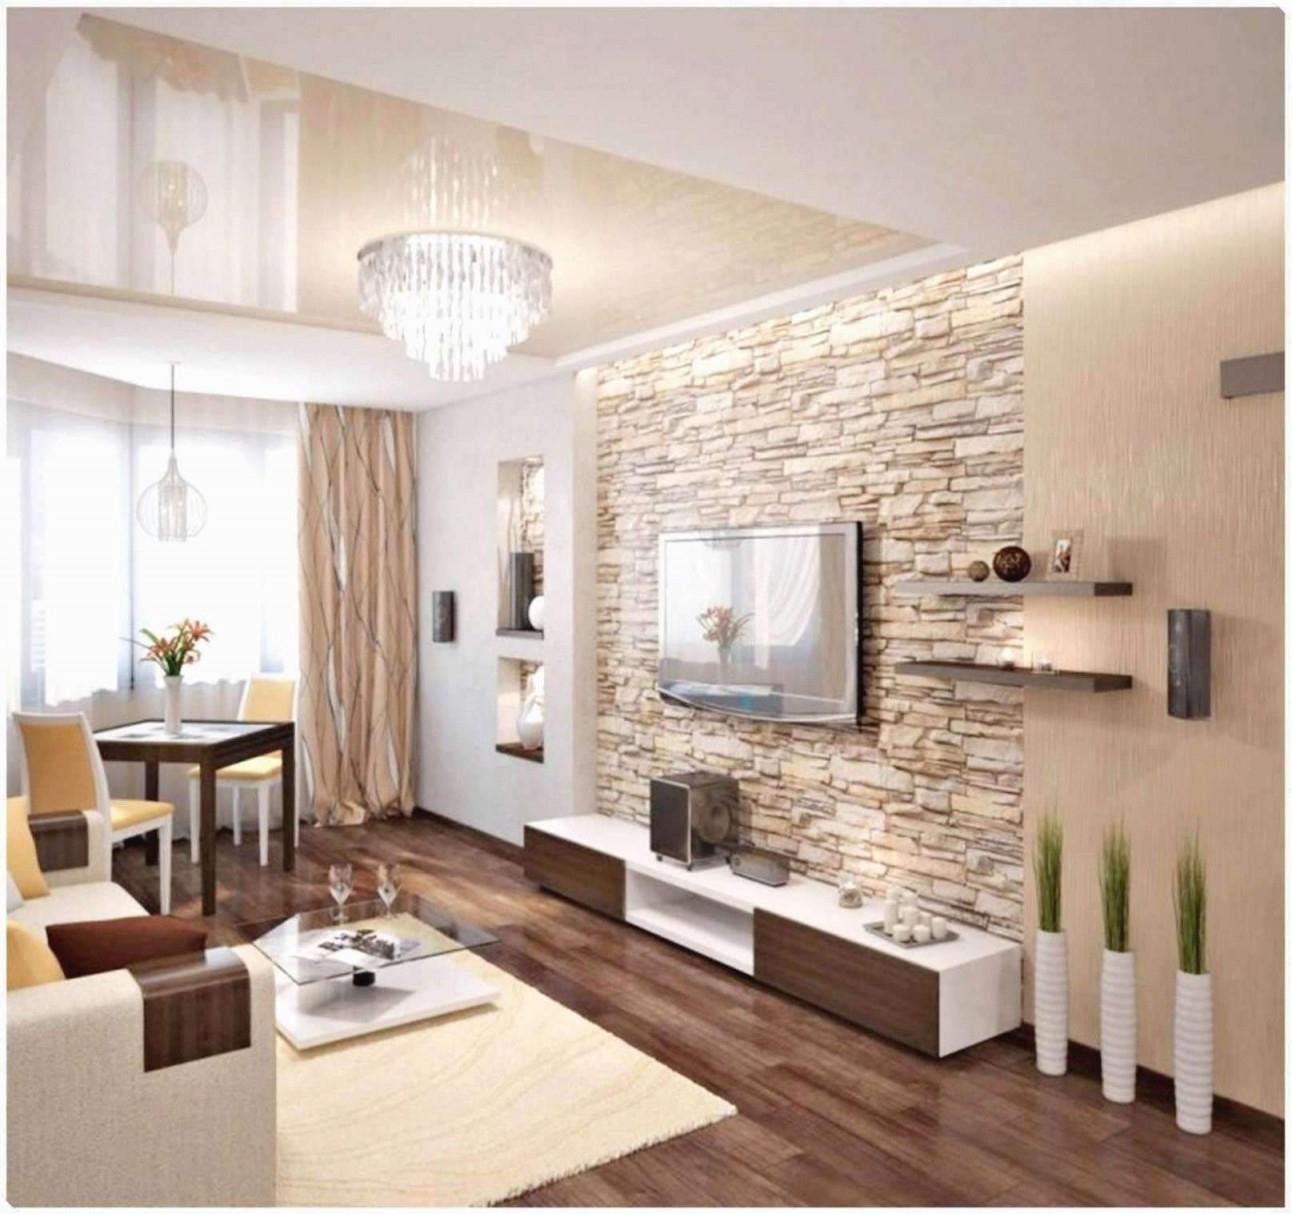 30 Luxus Kleines Wohnzimmer Mit Essbereich Einrichten von Kleines Wohnzimmer Einrichten Bild